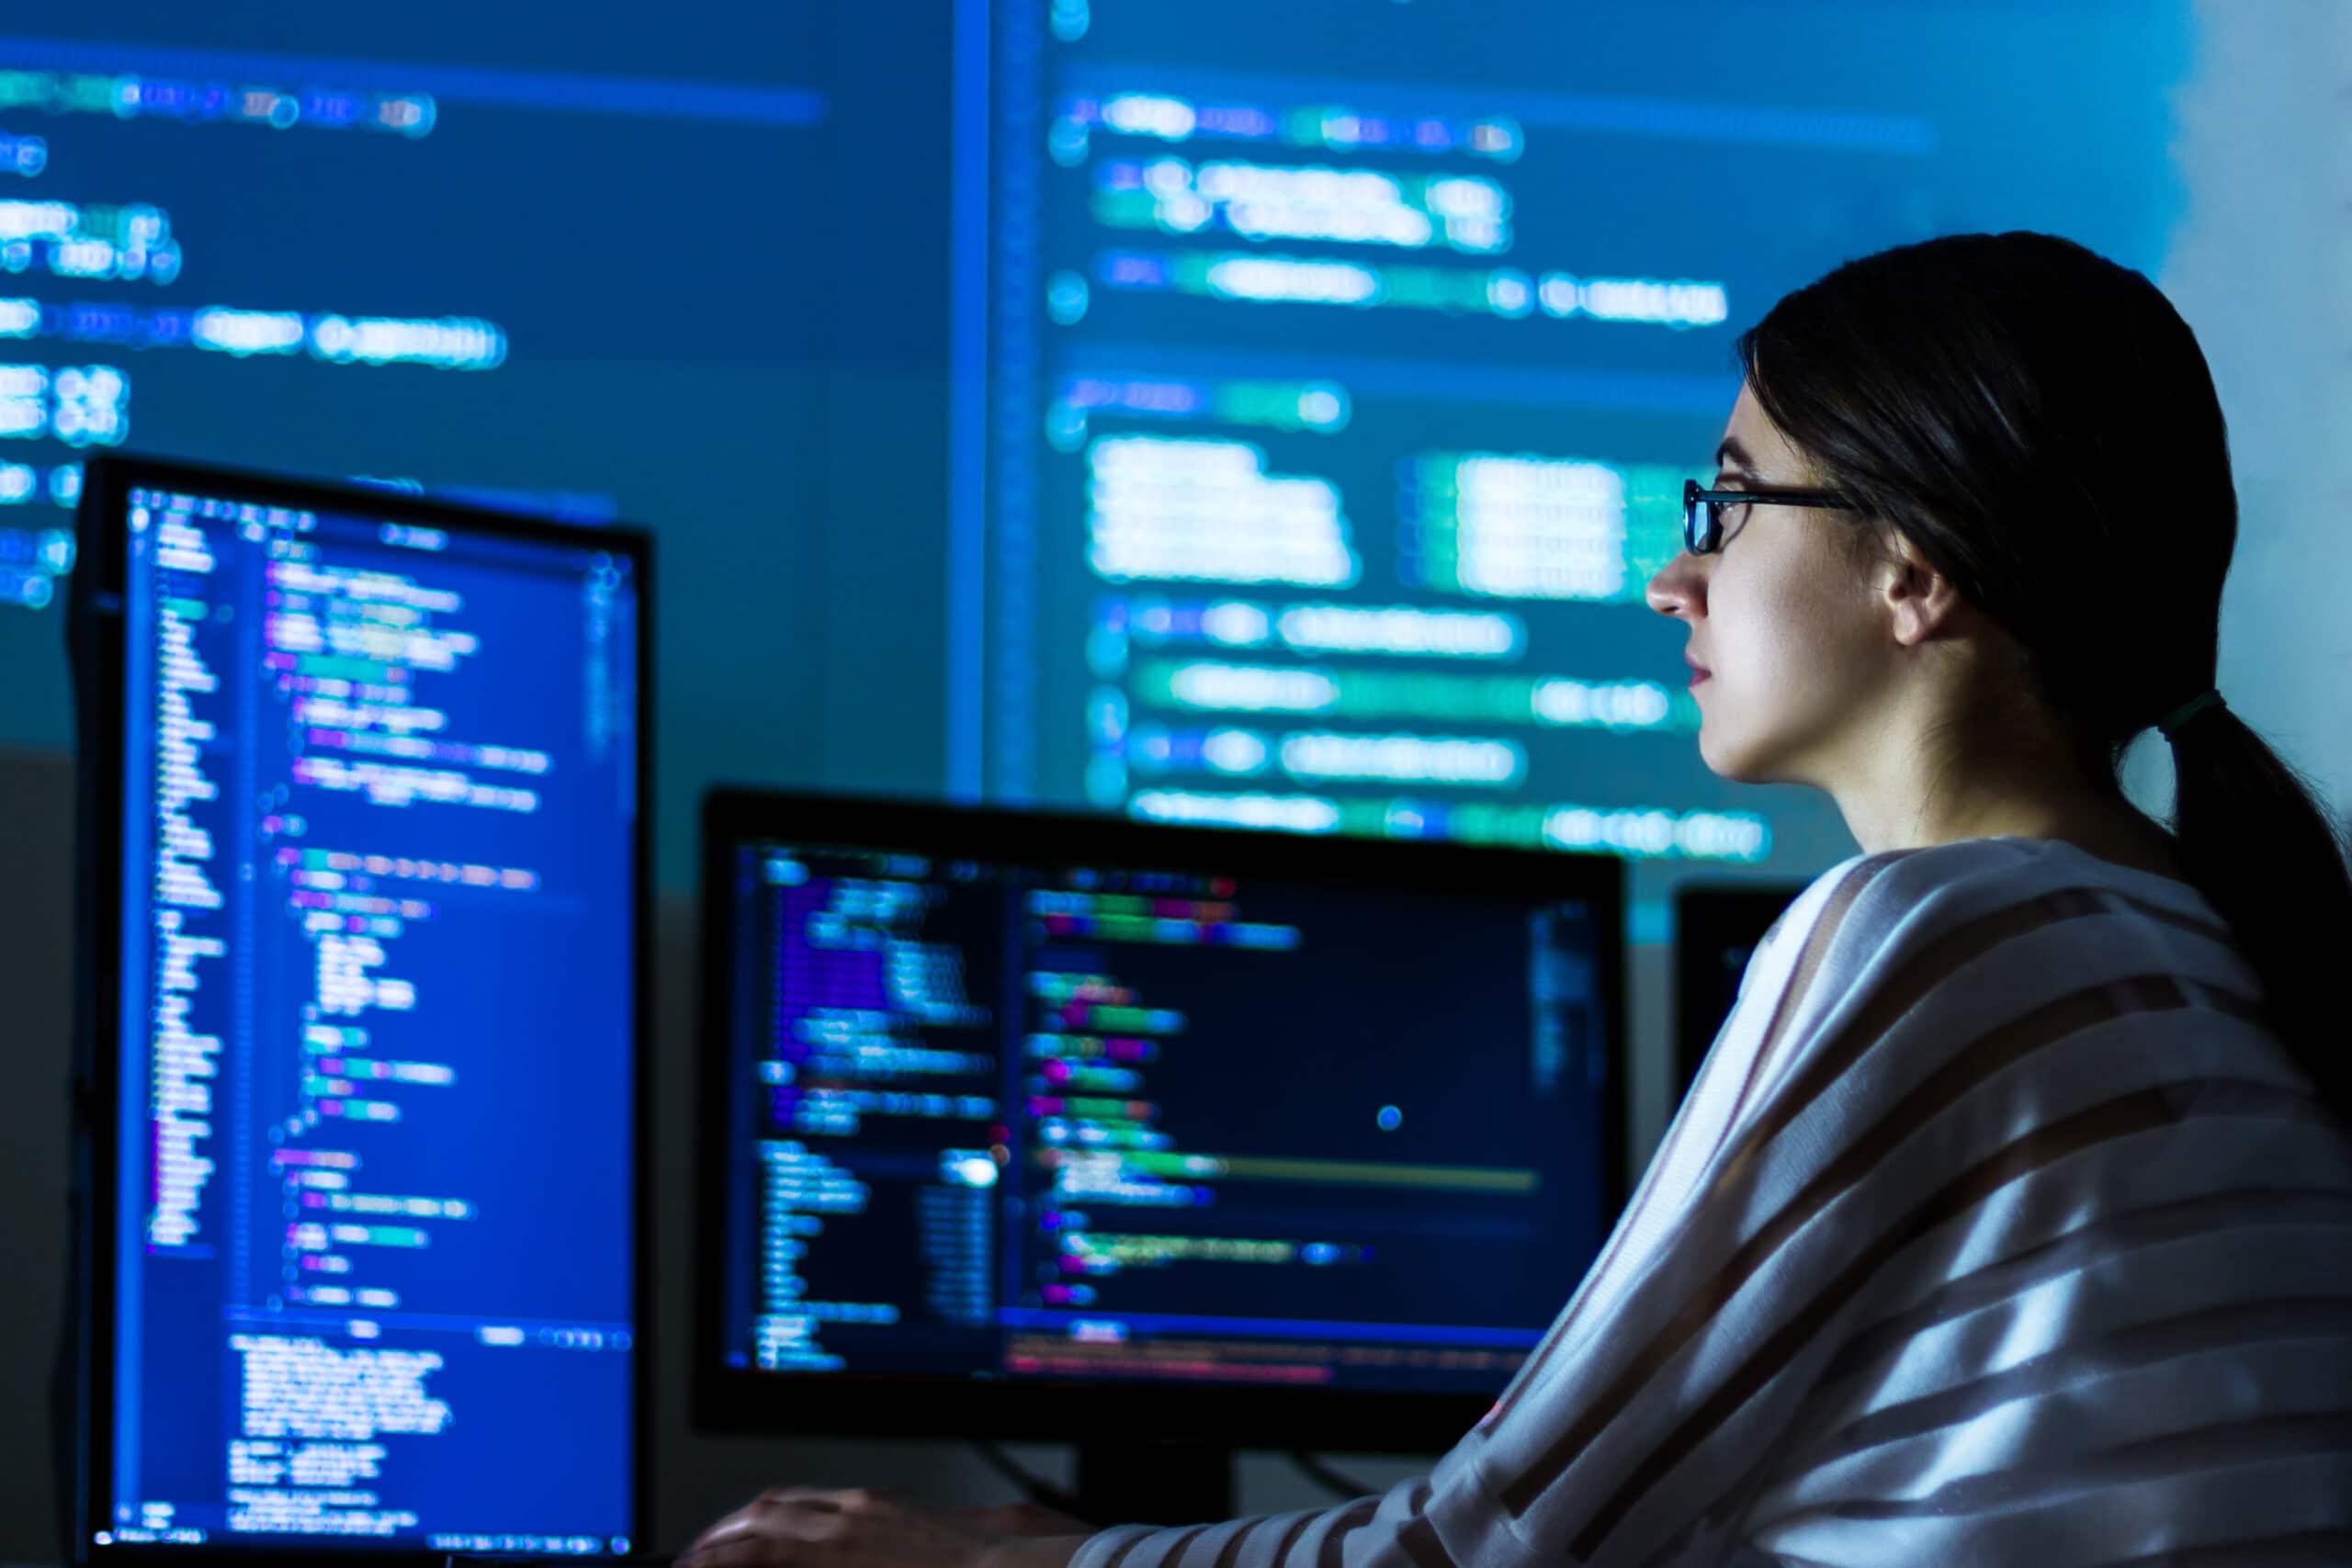 Cyberwatch propose des tests d'intrusion sur votre réseau, votre infrastructure, vos applications